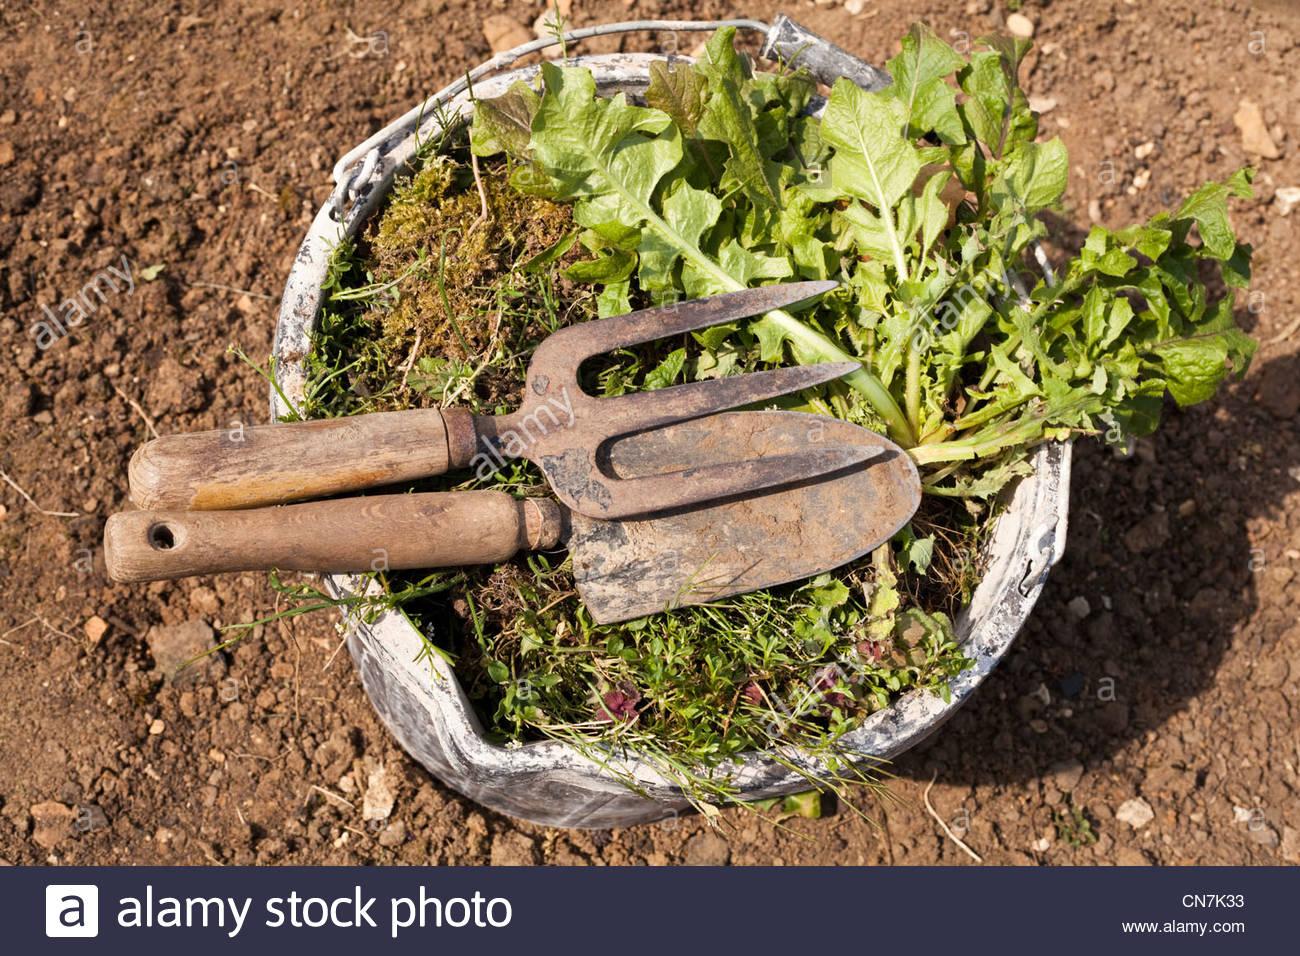 Bucket full of weeds Stock Photo: 47497159 - Alamy